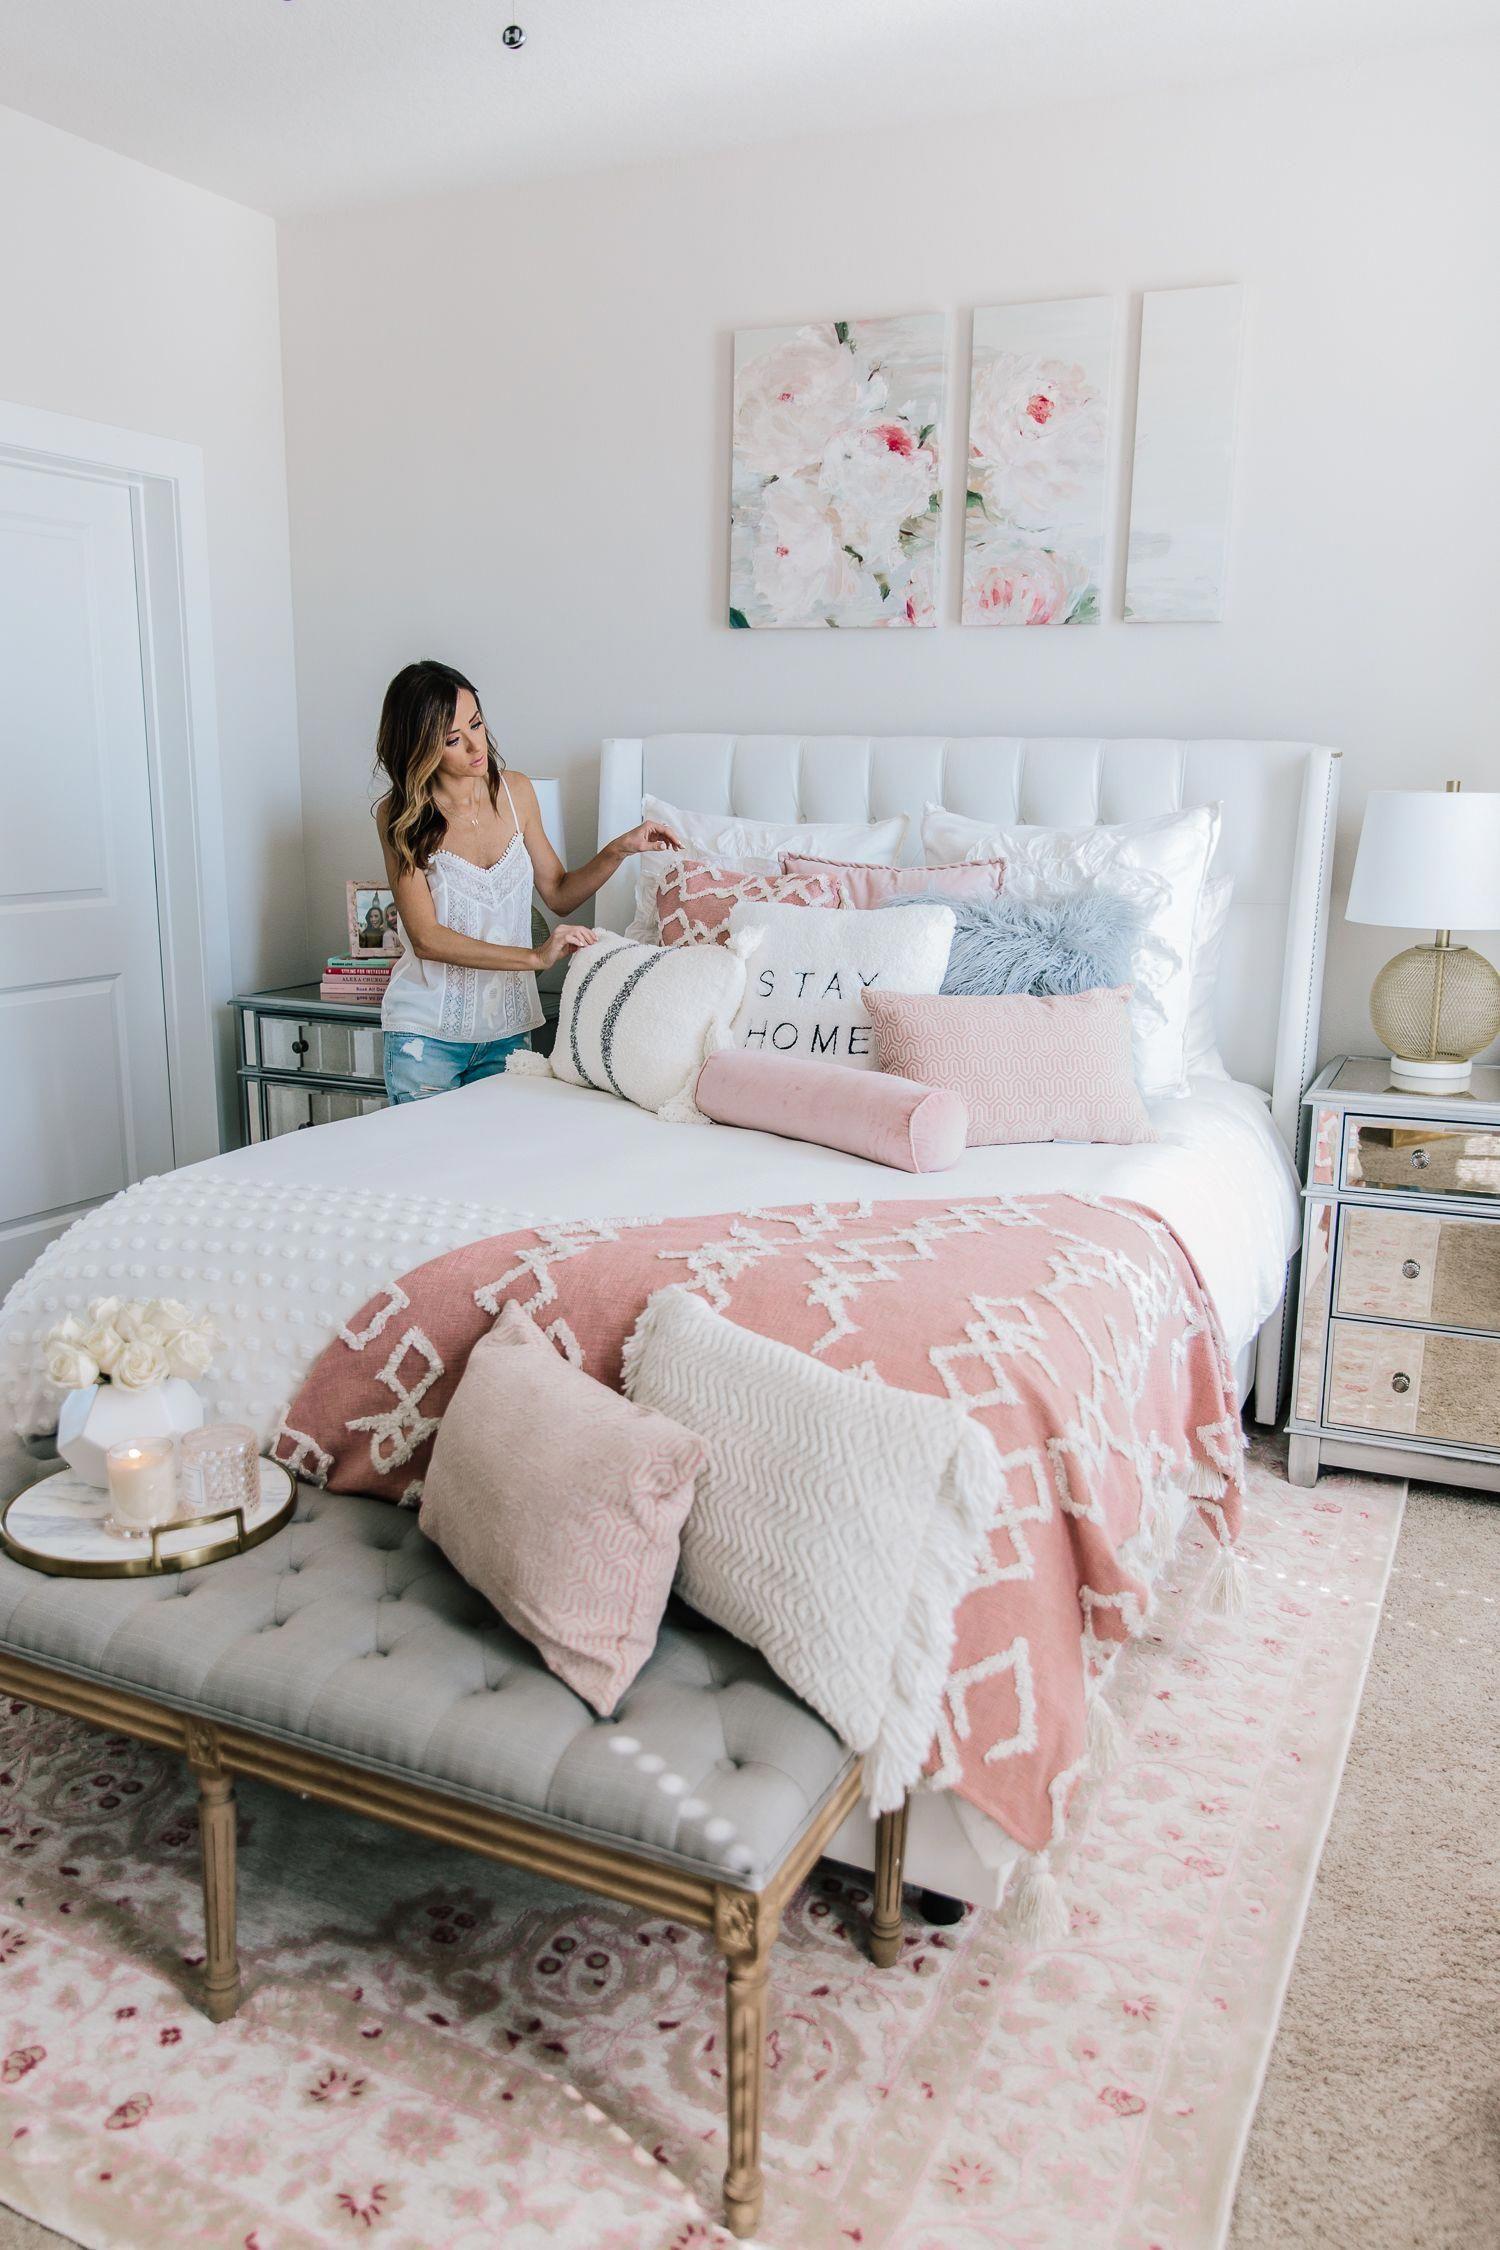 Home Decor Ideas Pinterest Home Decor Ideas Living Room Pinterest Home Decor Ideas For Christmas Home Decor Ide Bedroom Refresh Bedroom Decor Bedroom Makeover